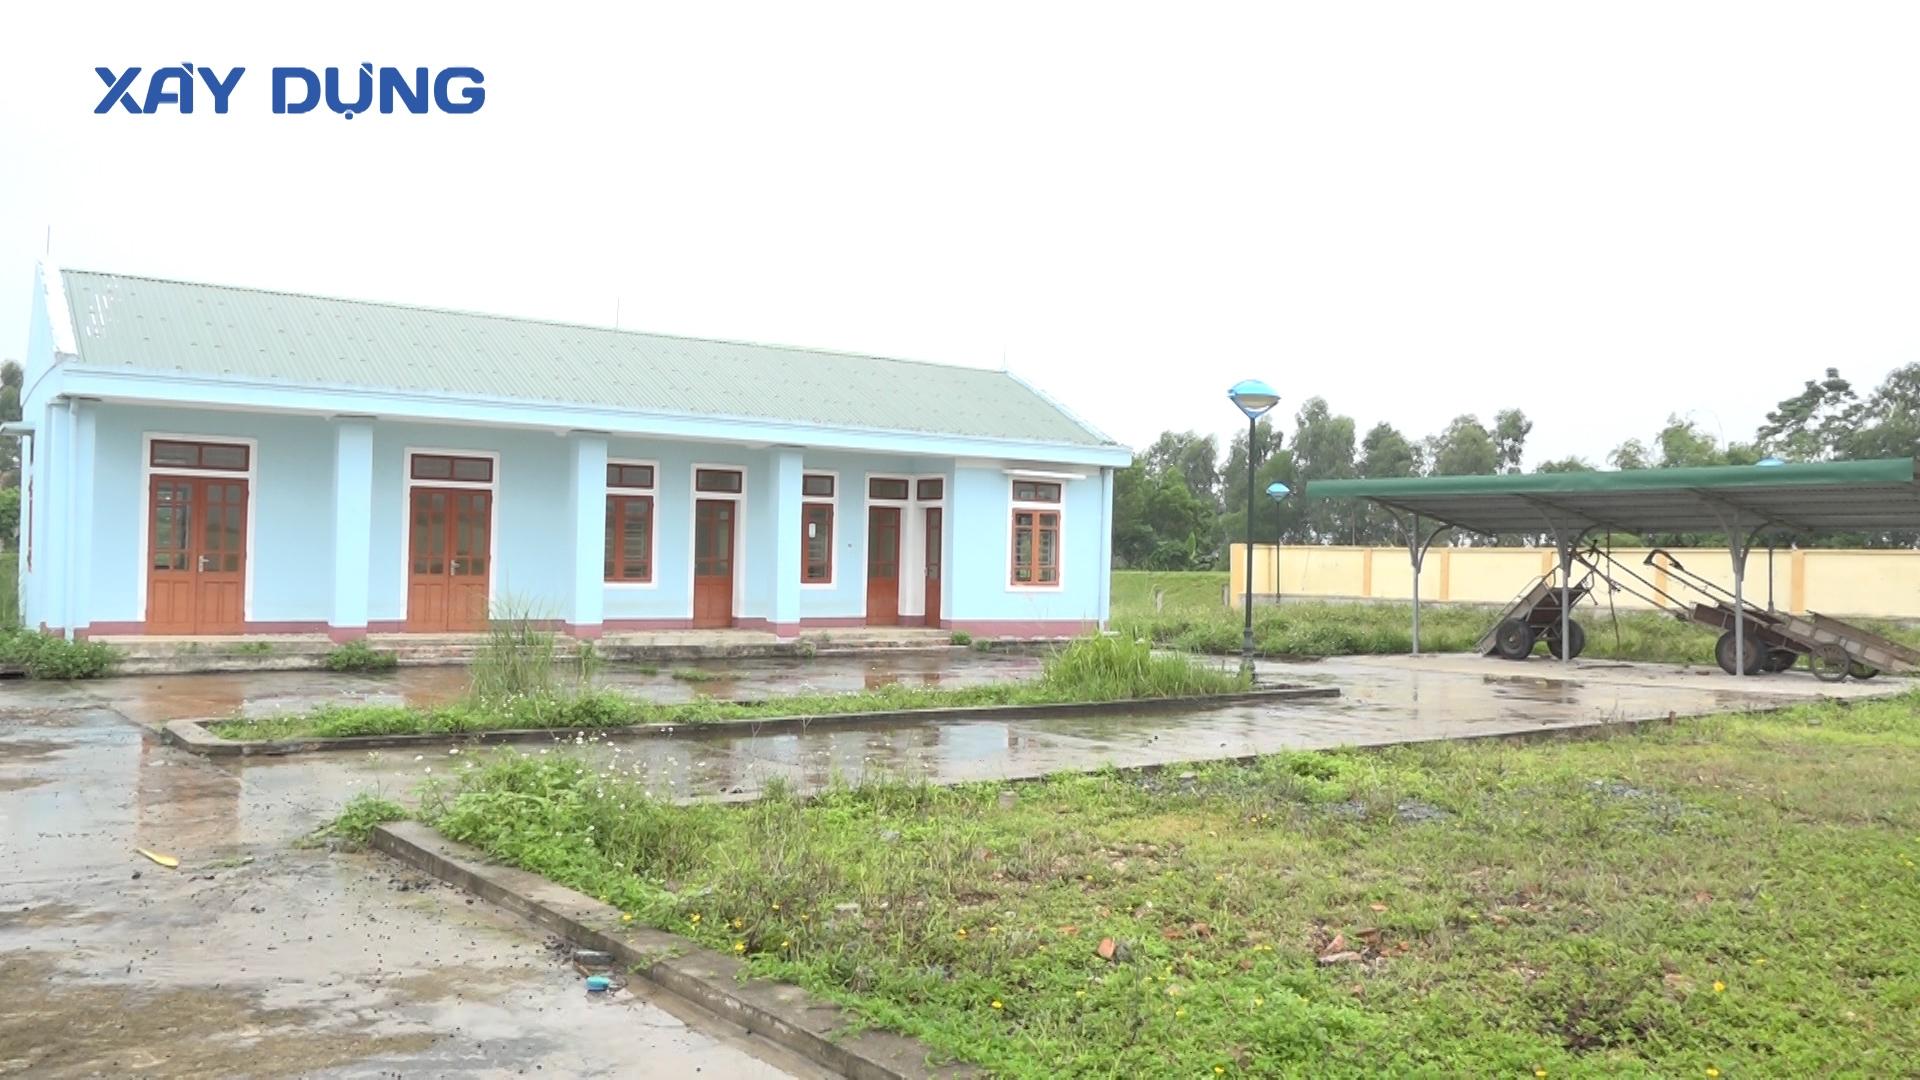 Nghệ An: Bất cập trong quản lý, khai thác nước sinh hoạt nông thôn